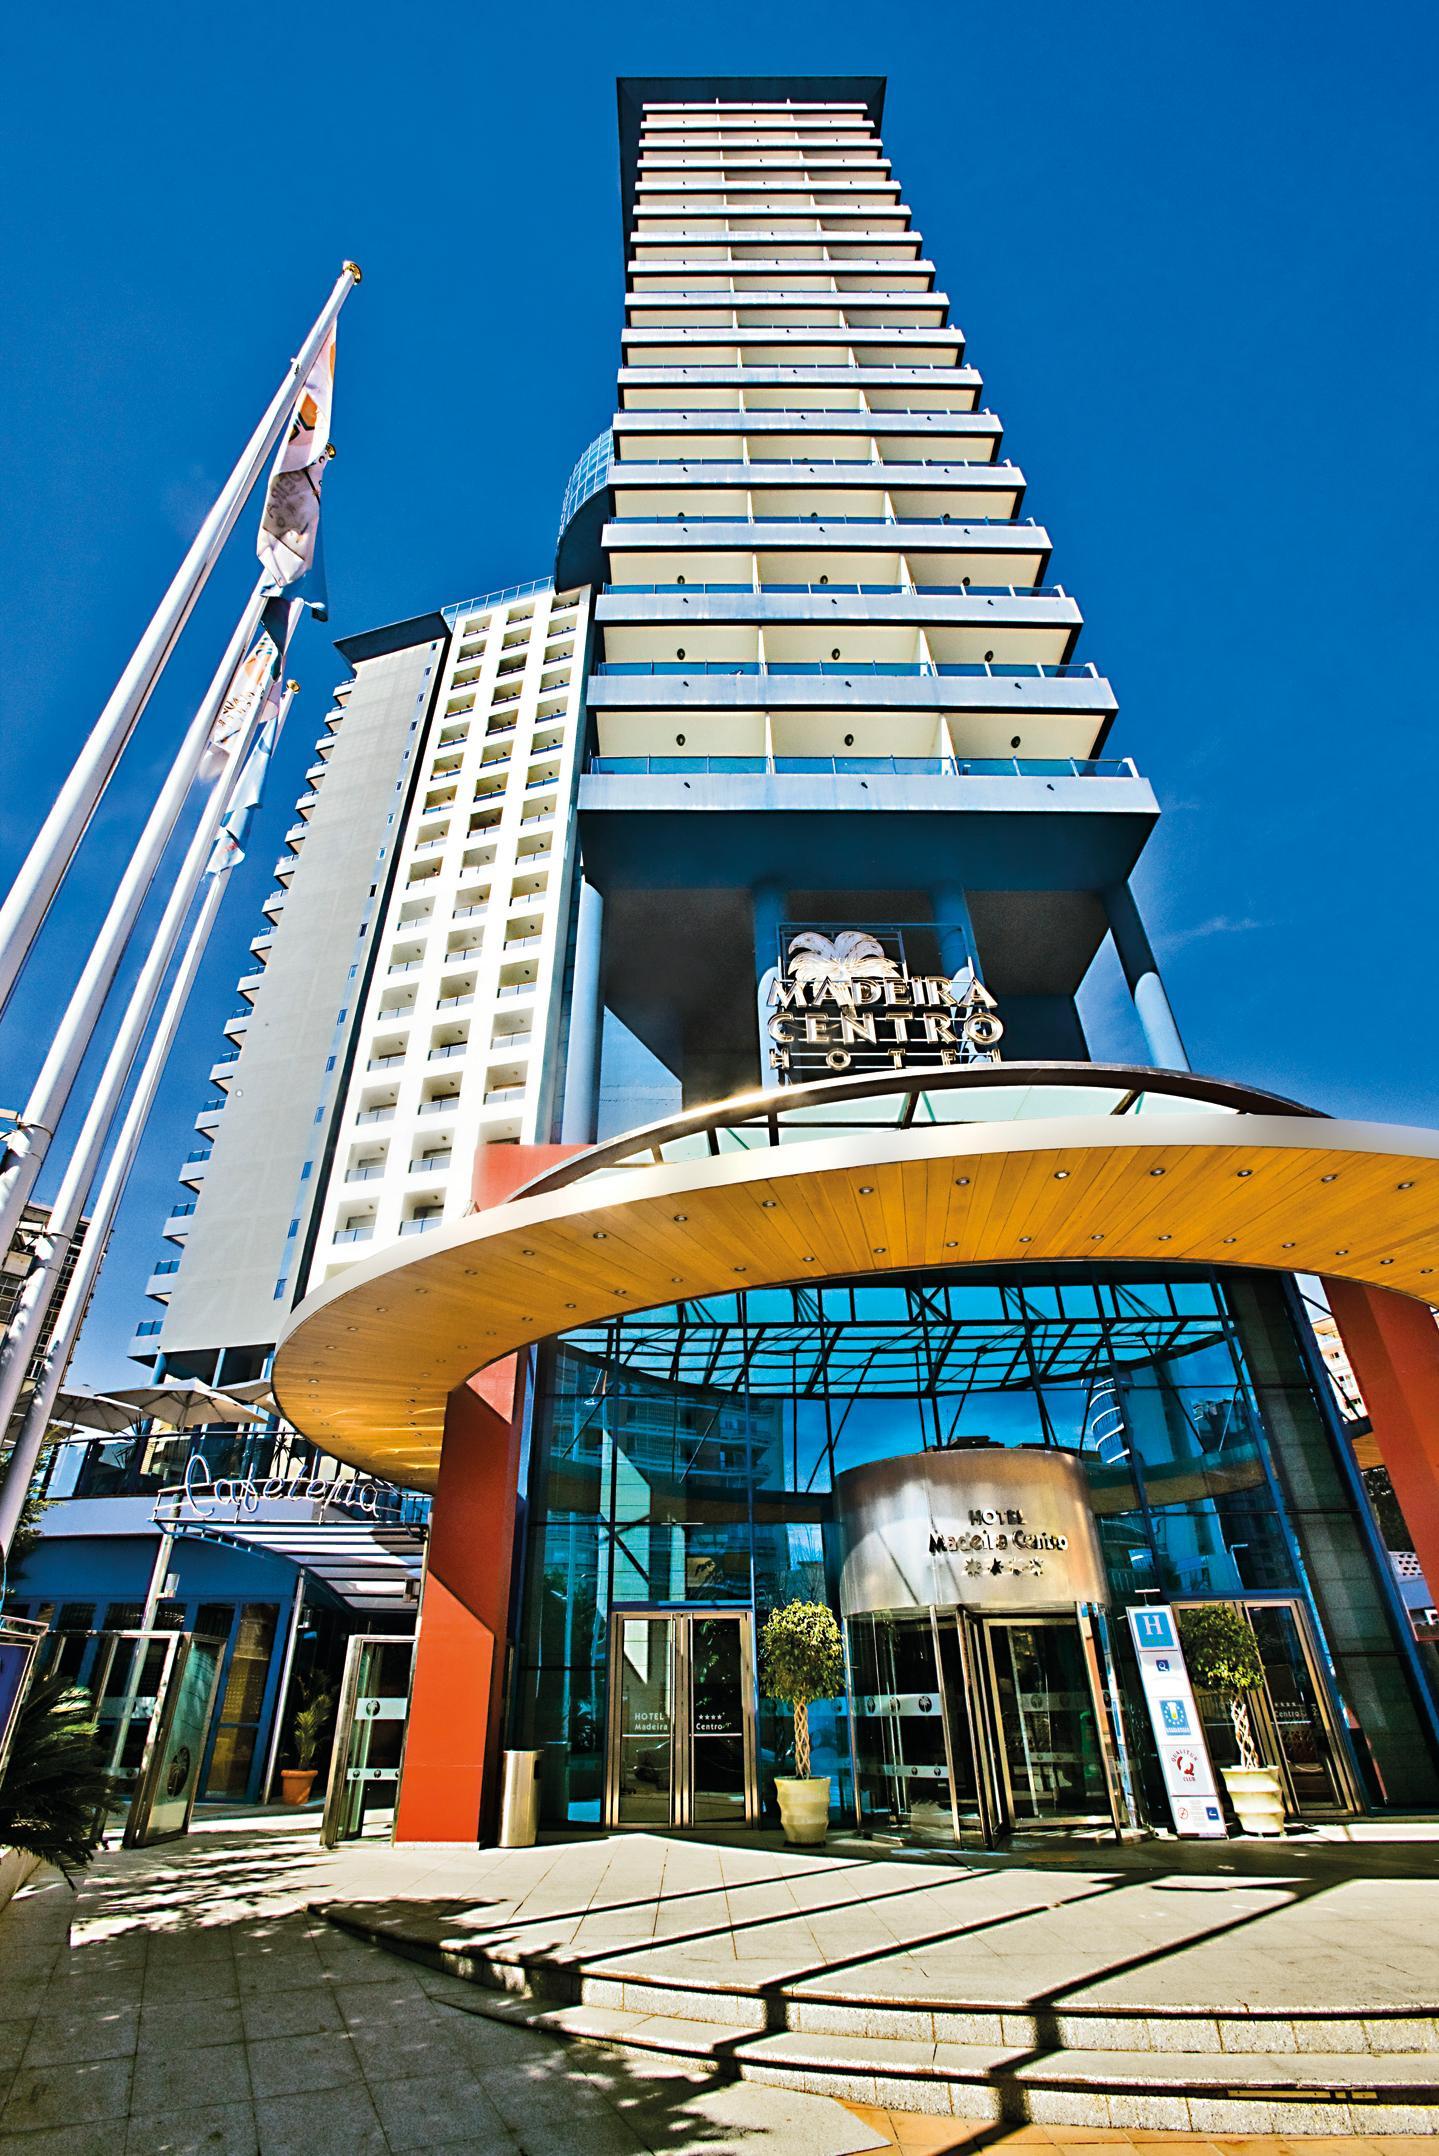 Hotel madeira centro em benidorm costa branca desde 45 for Hoteis zona centro com piscina interior